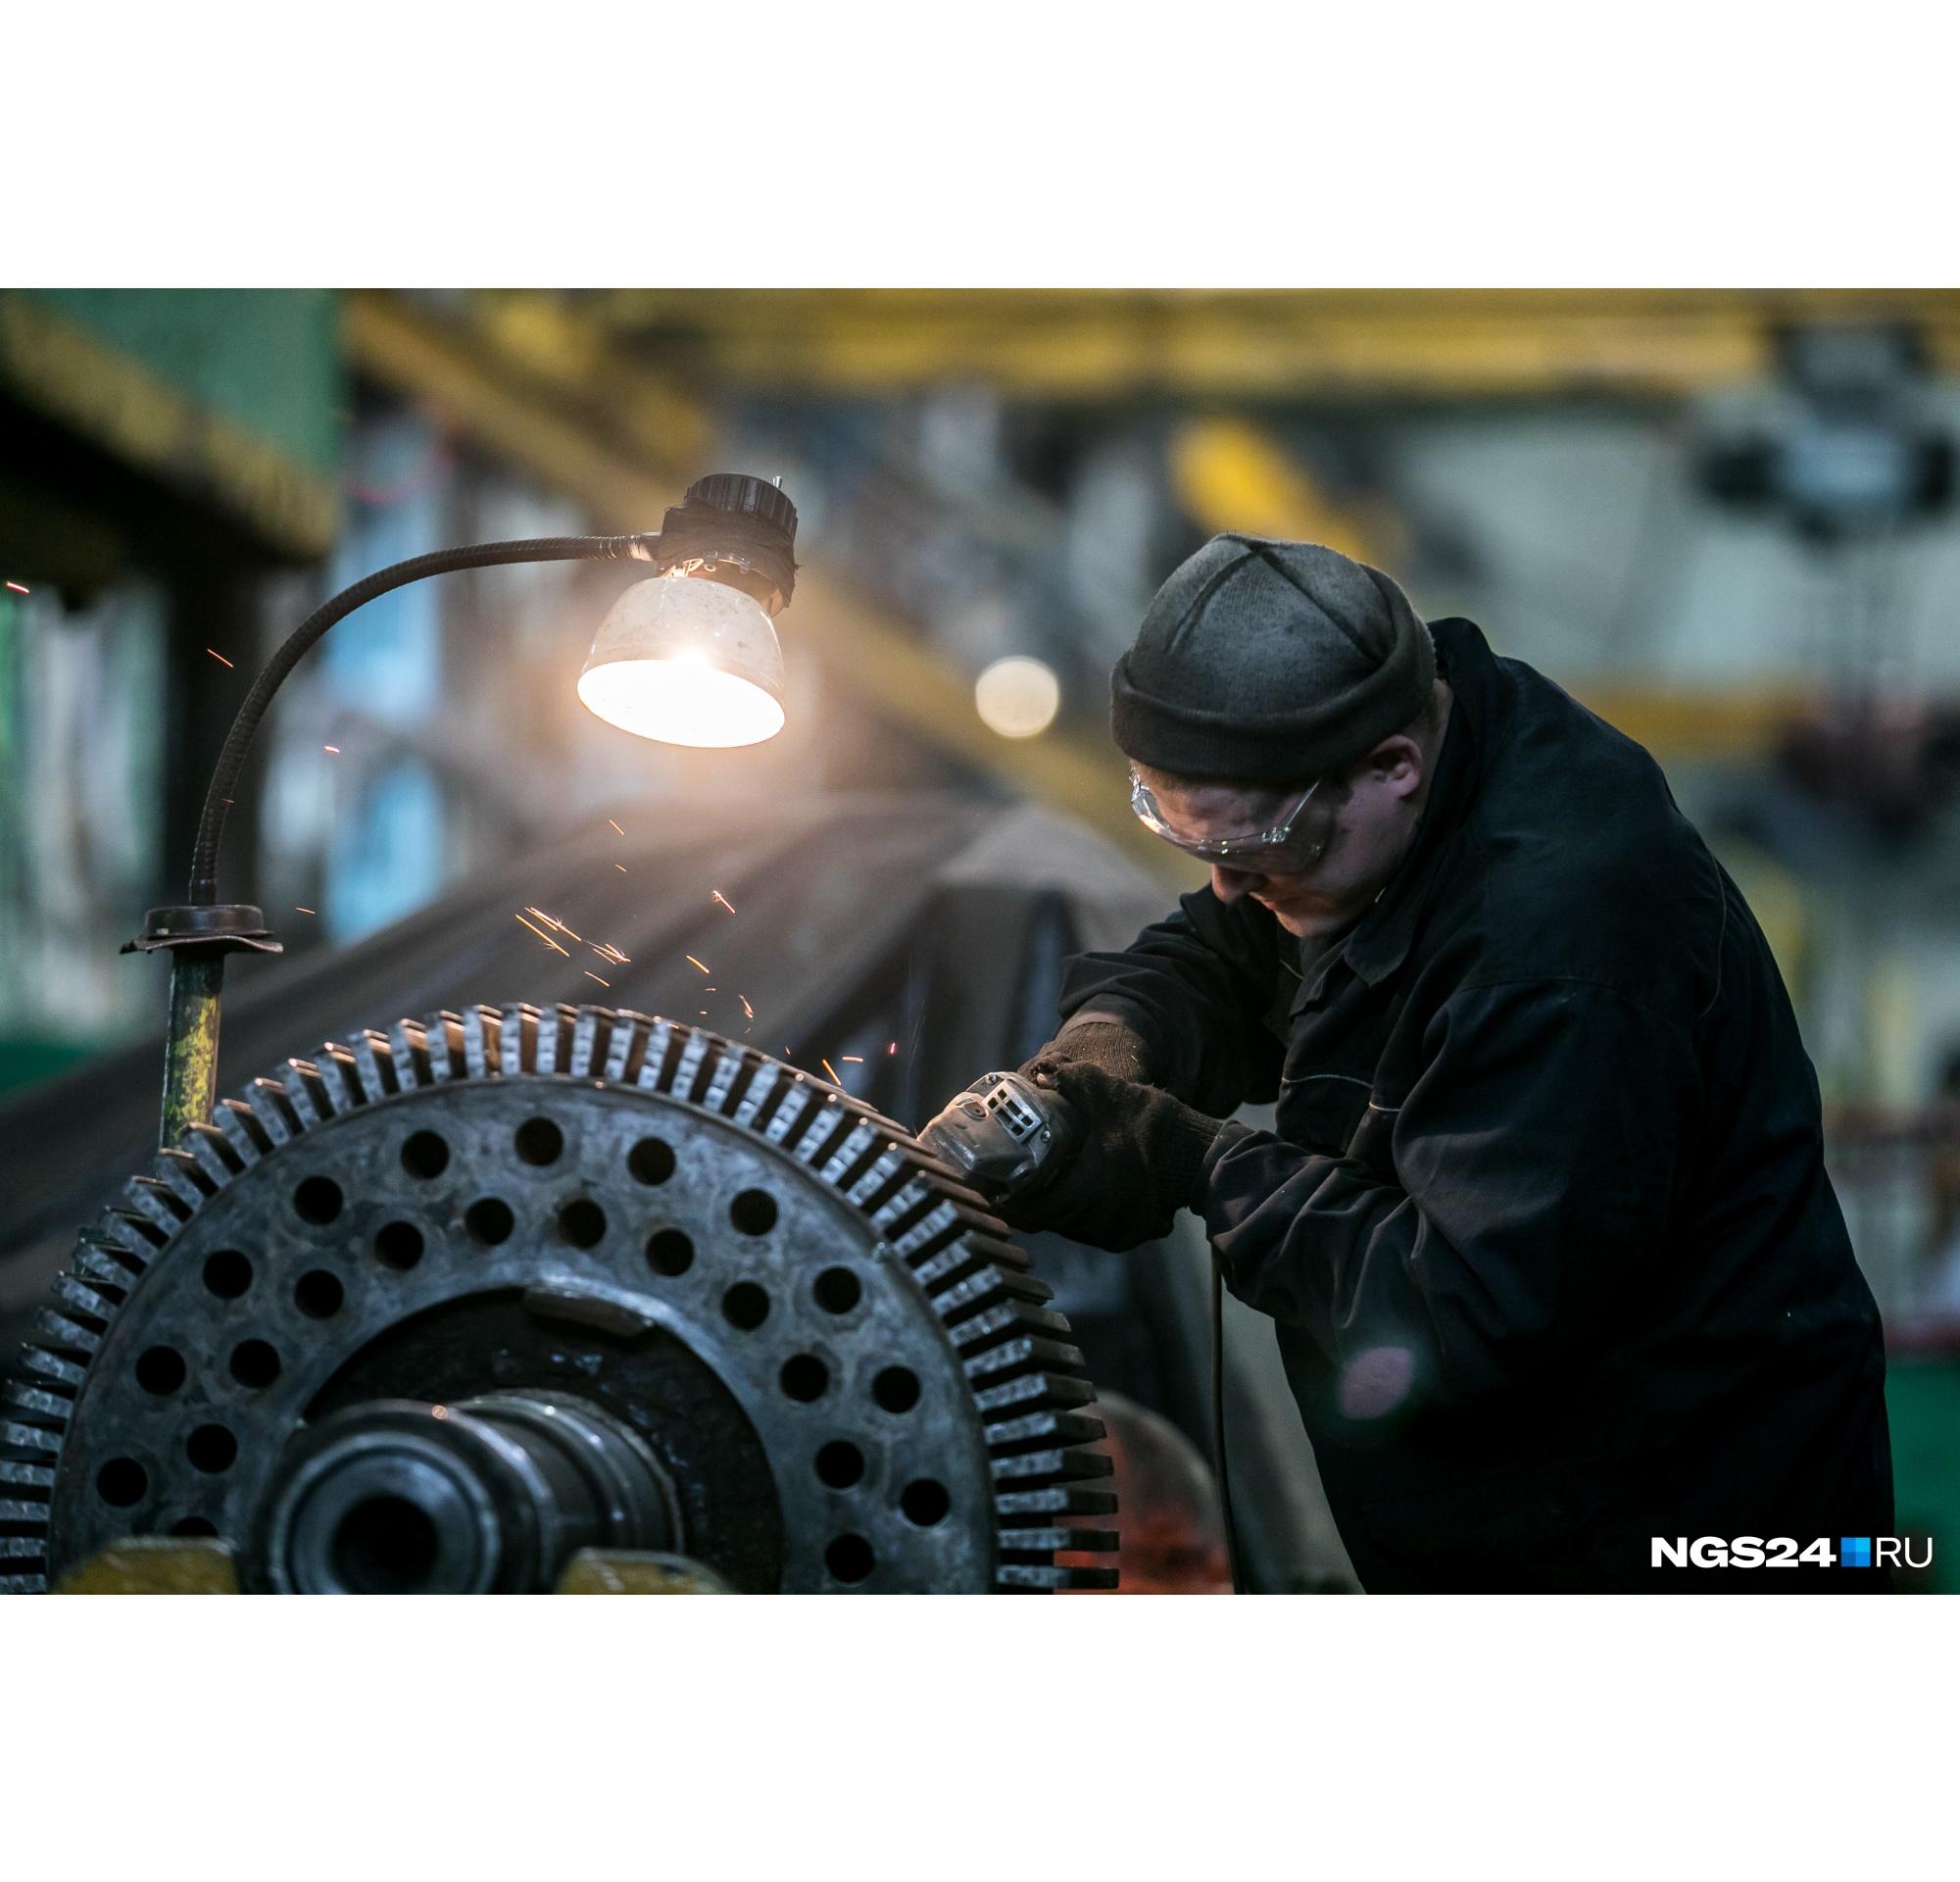 Работа идет в основном на станках советского времени